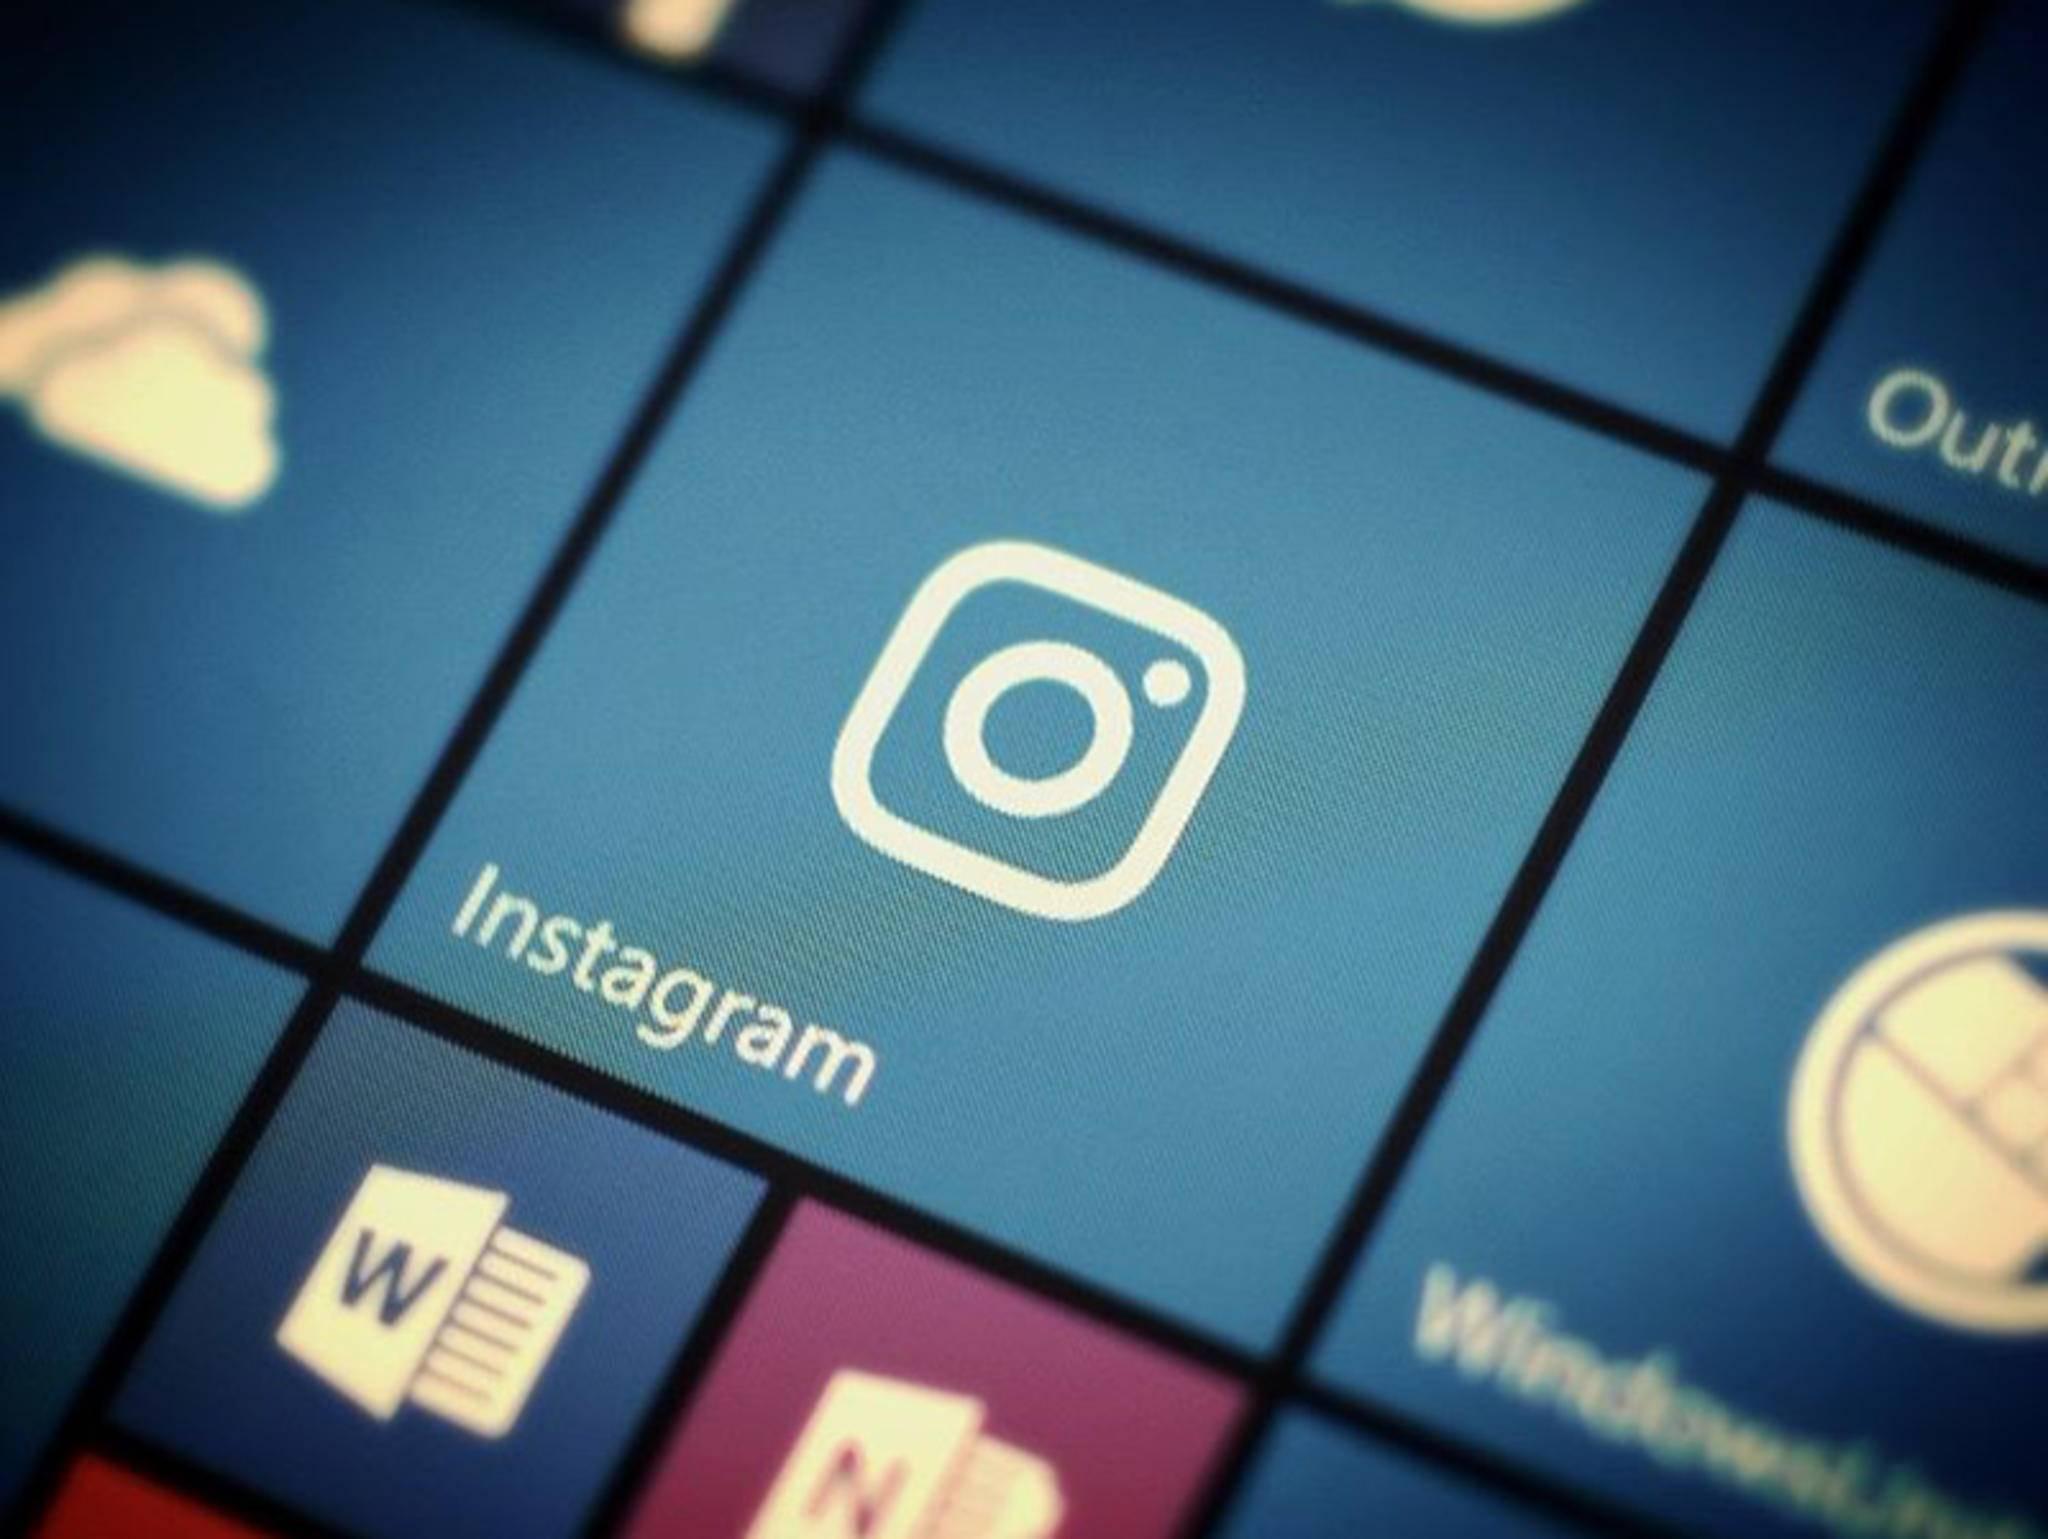 Der neue Instagram-Look ist für Windows 10 Mobile verfügbar.